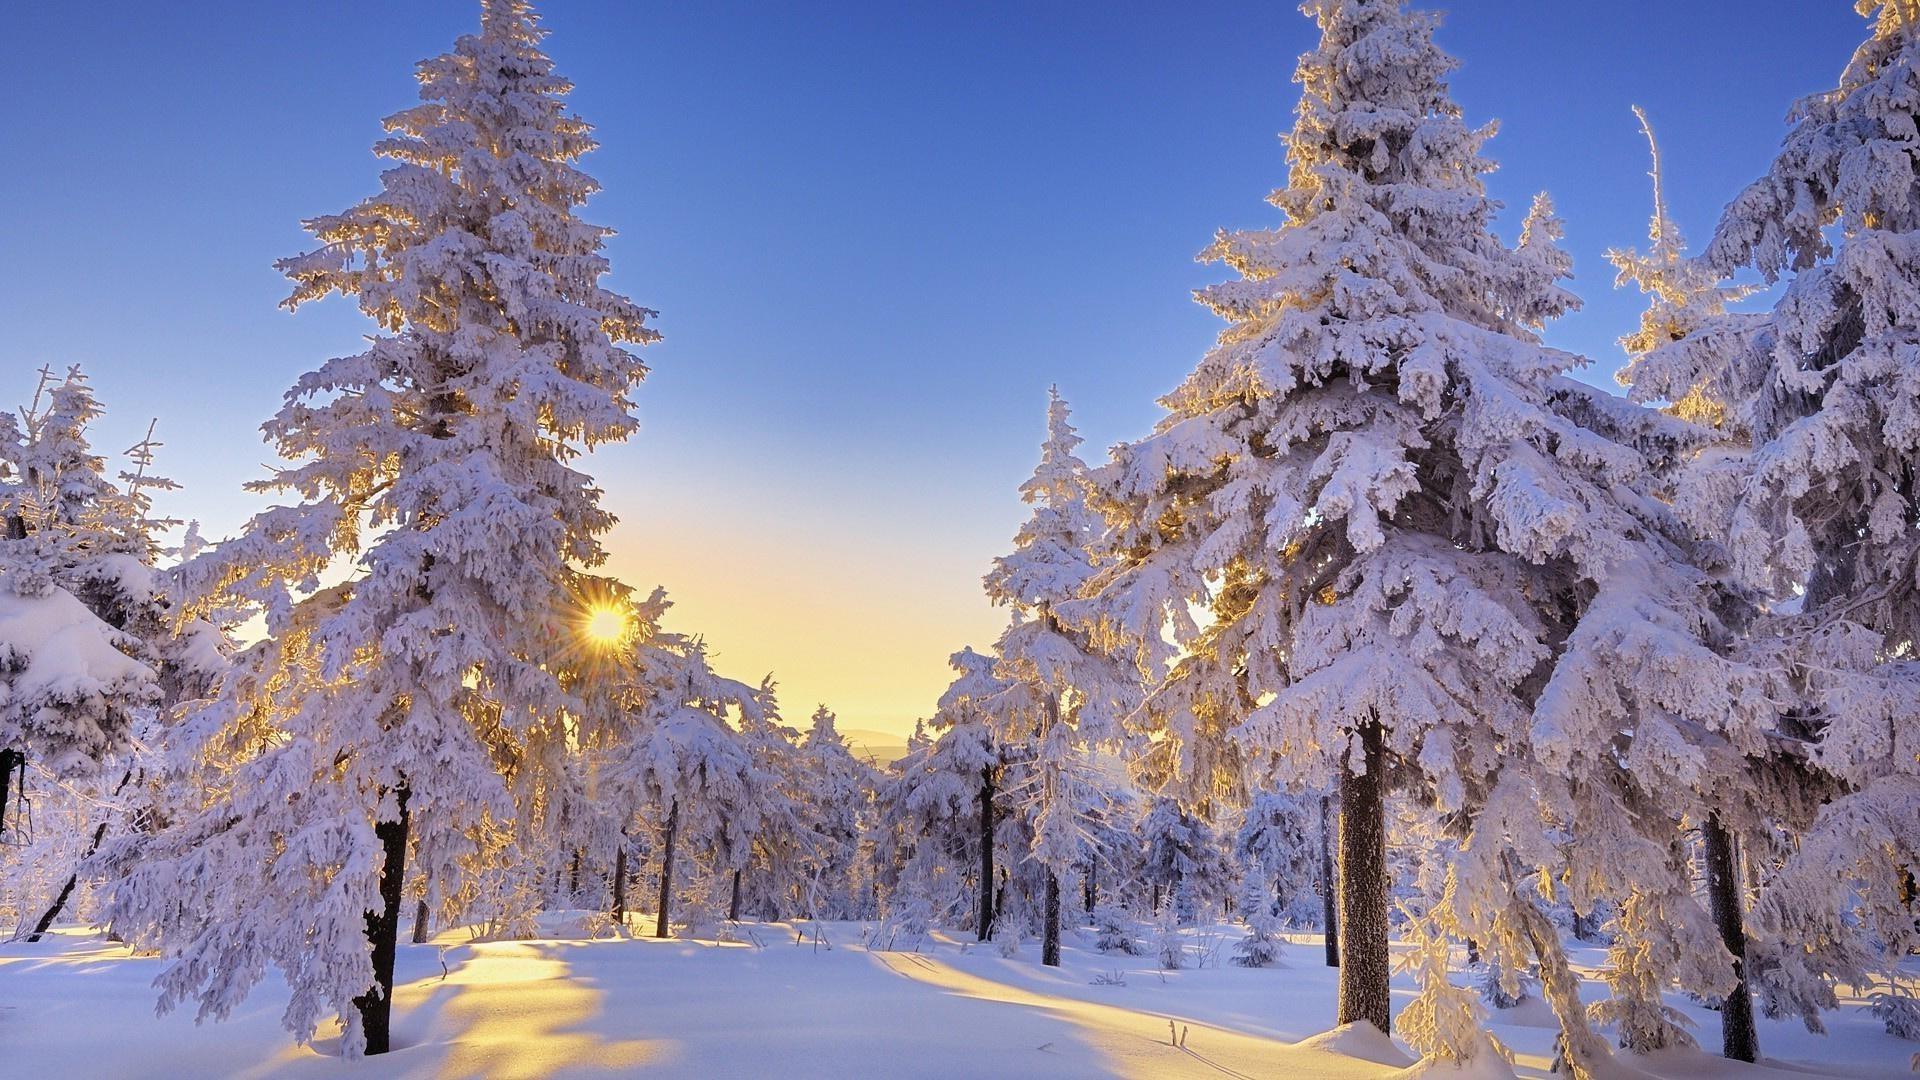 обои зима на рабочий стол пейзаж № 640744 загрузить